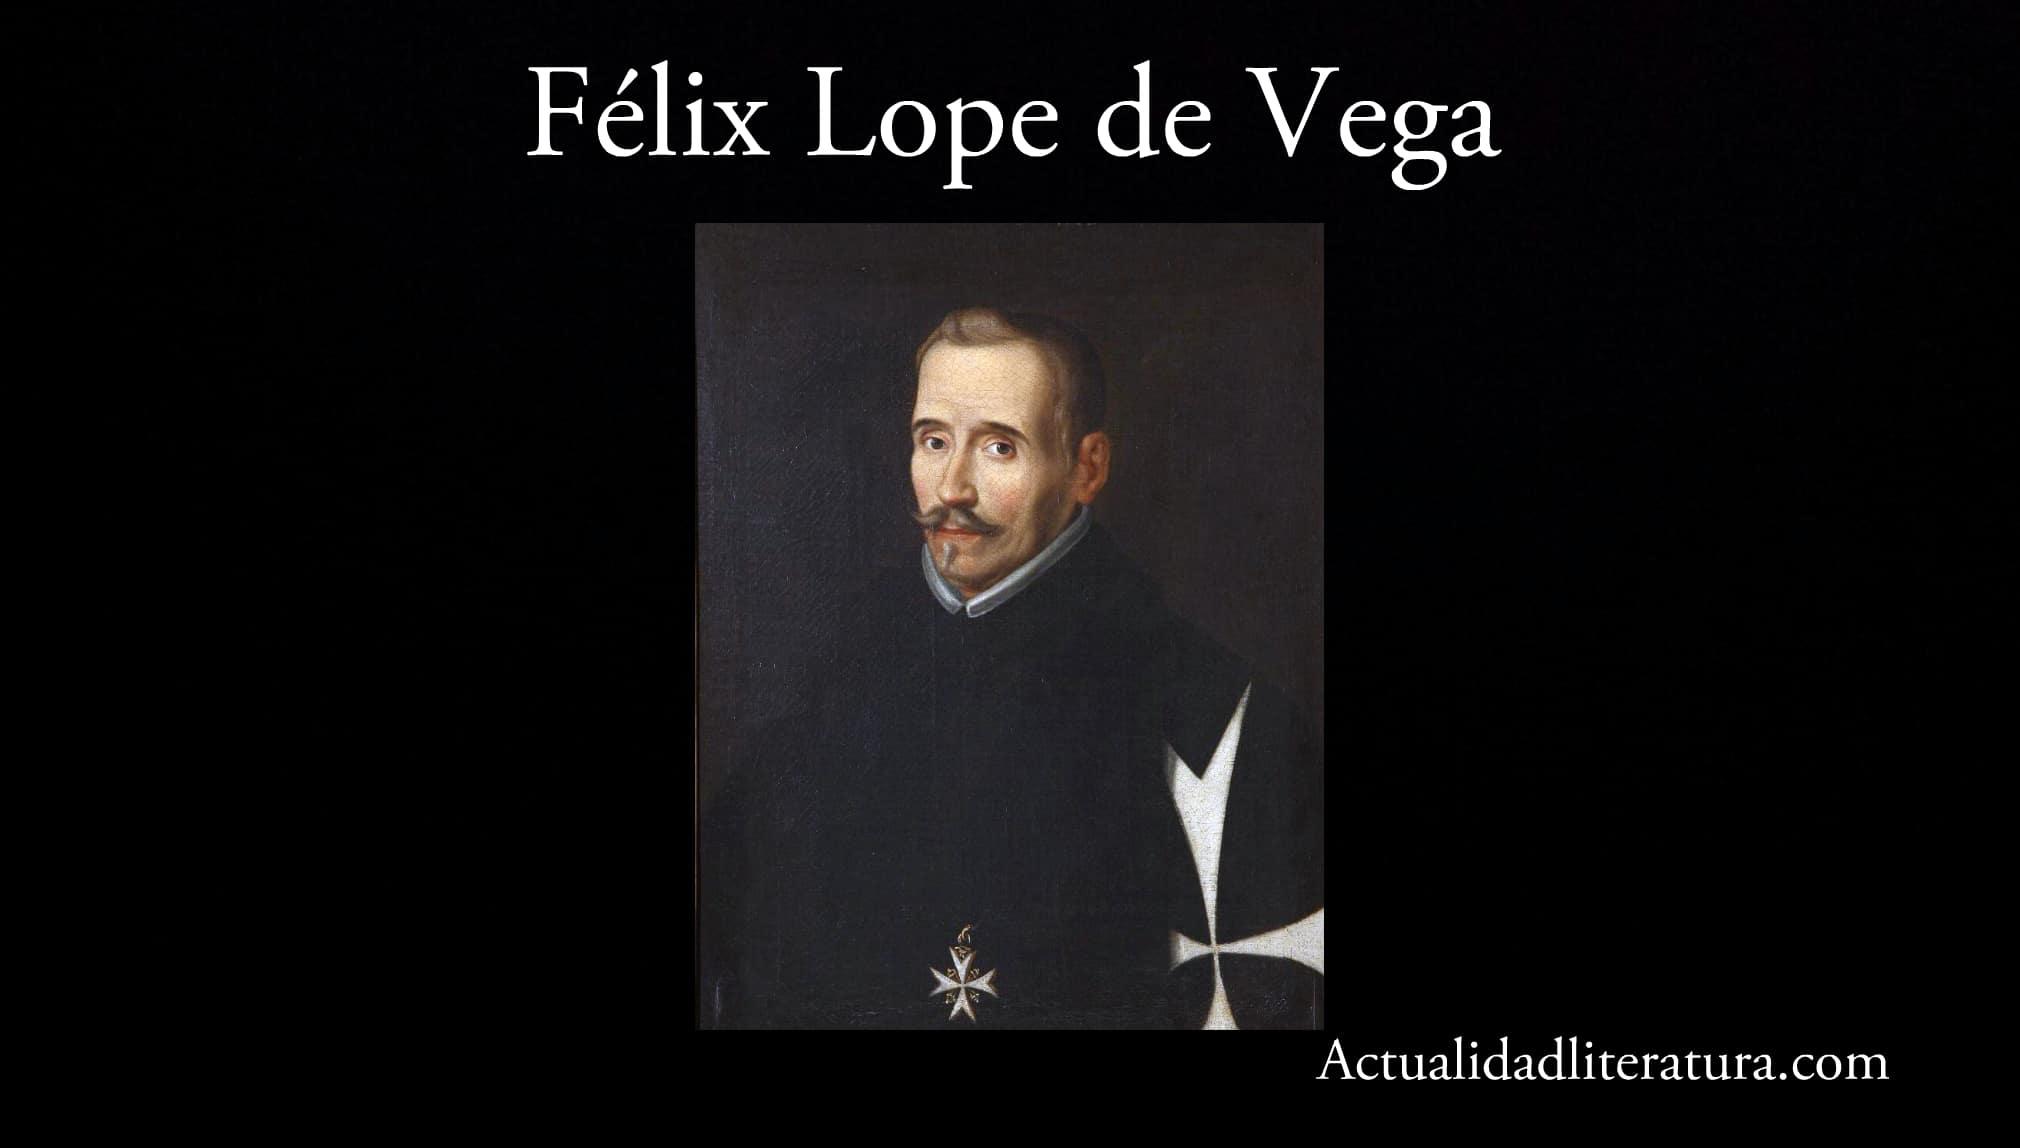 Félix Lope de Vega.